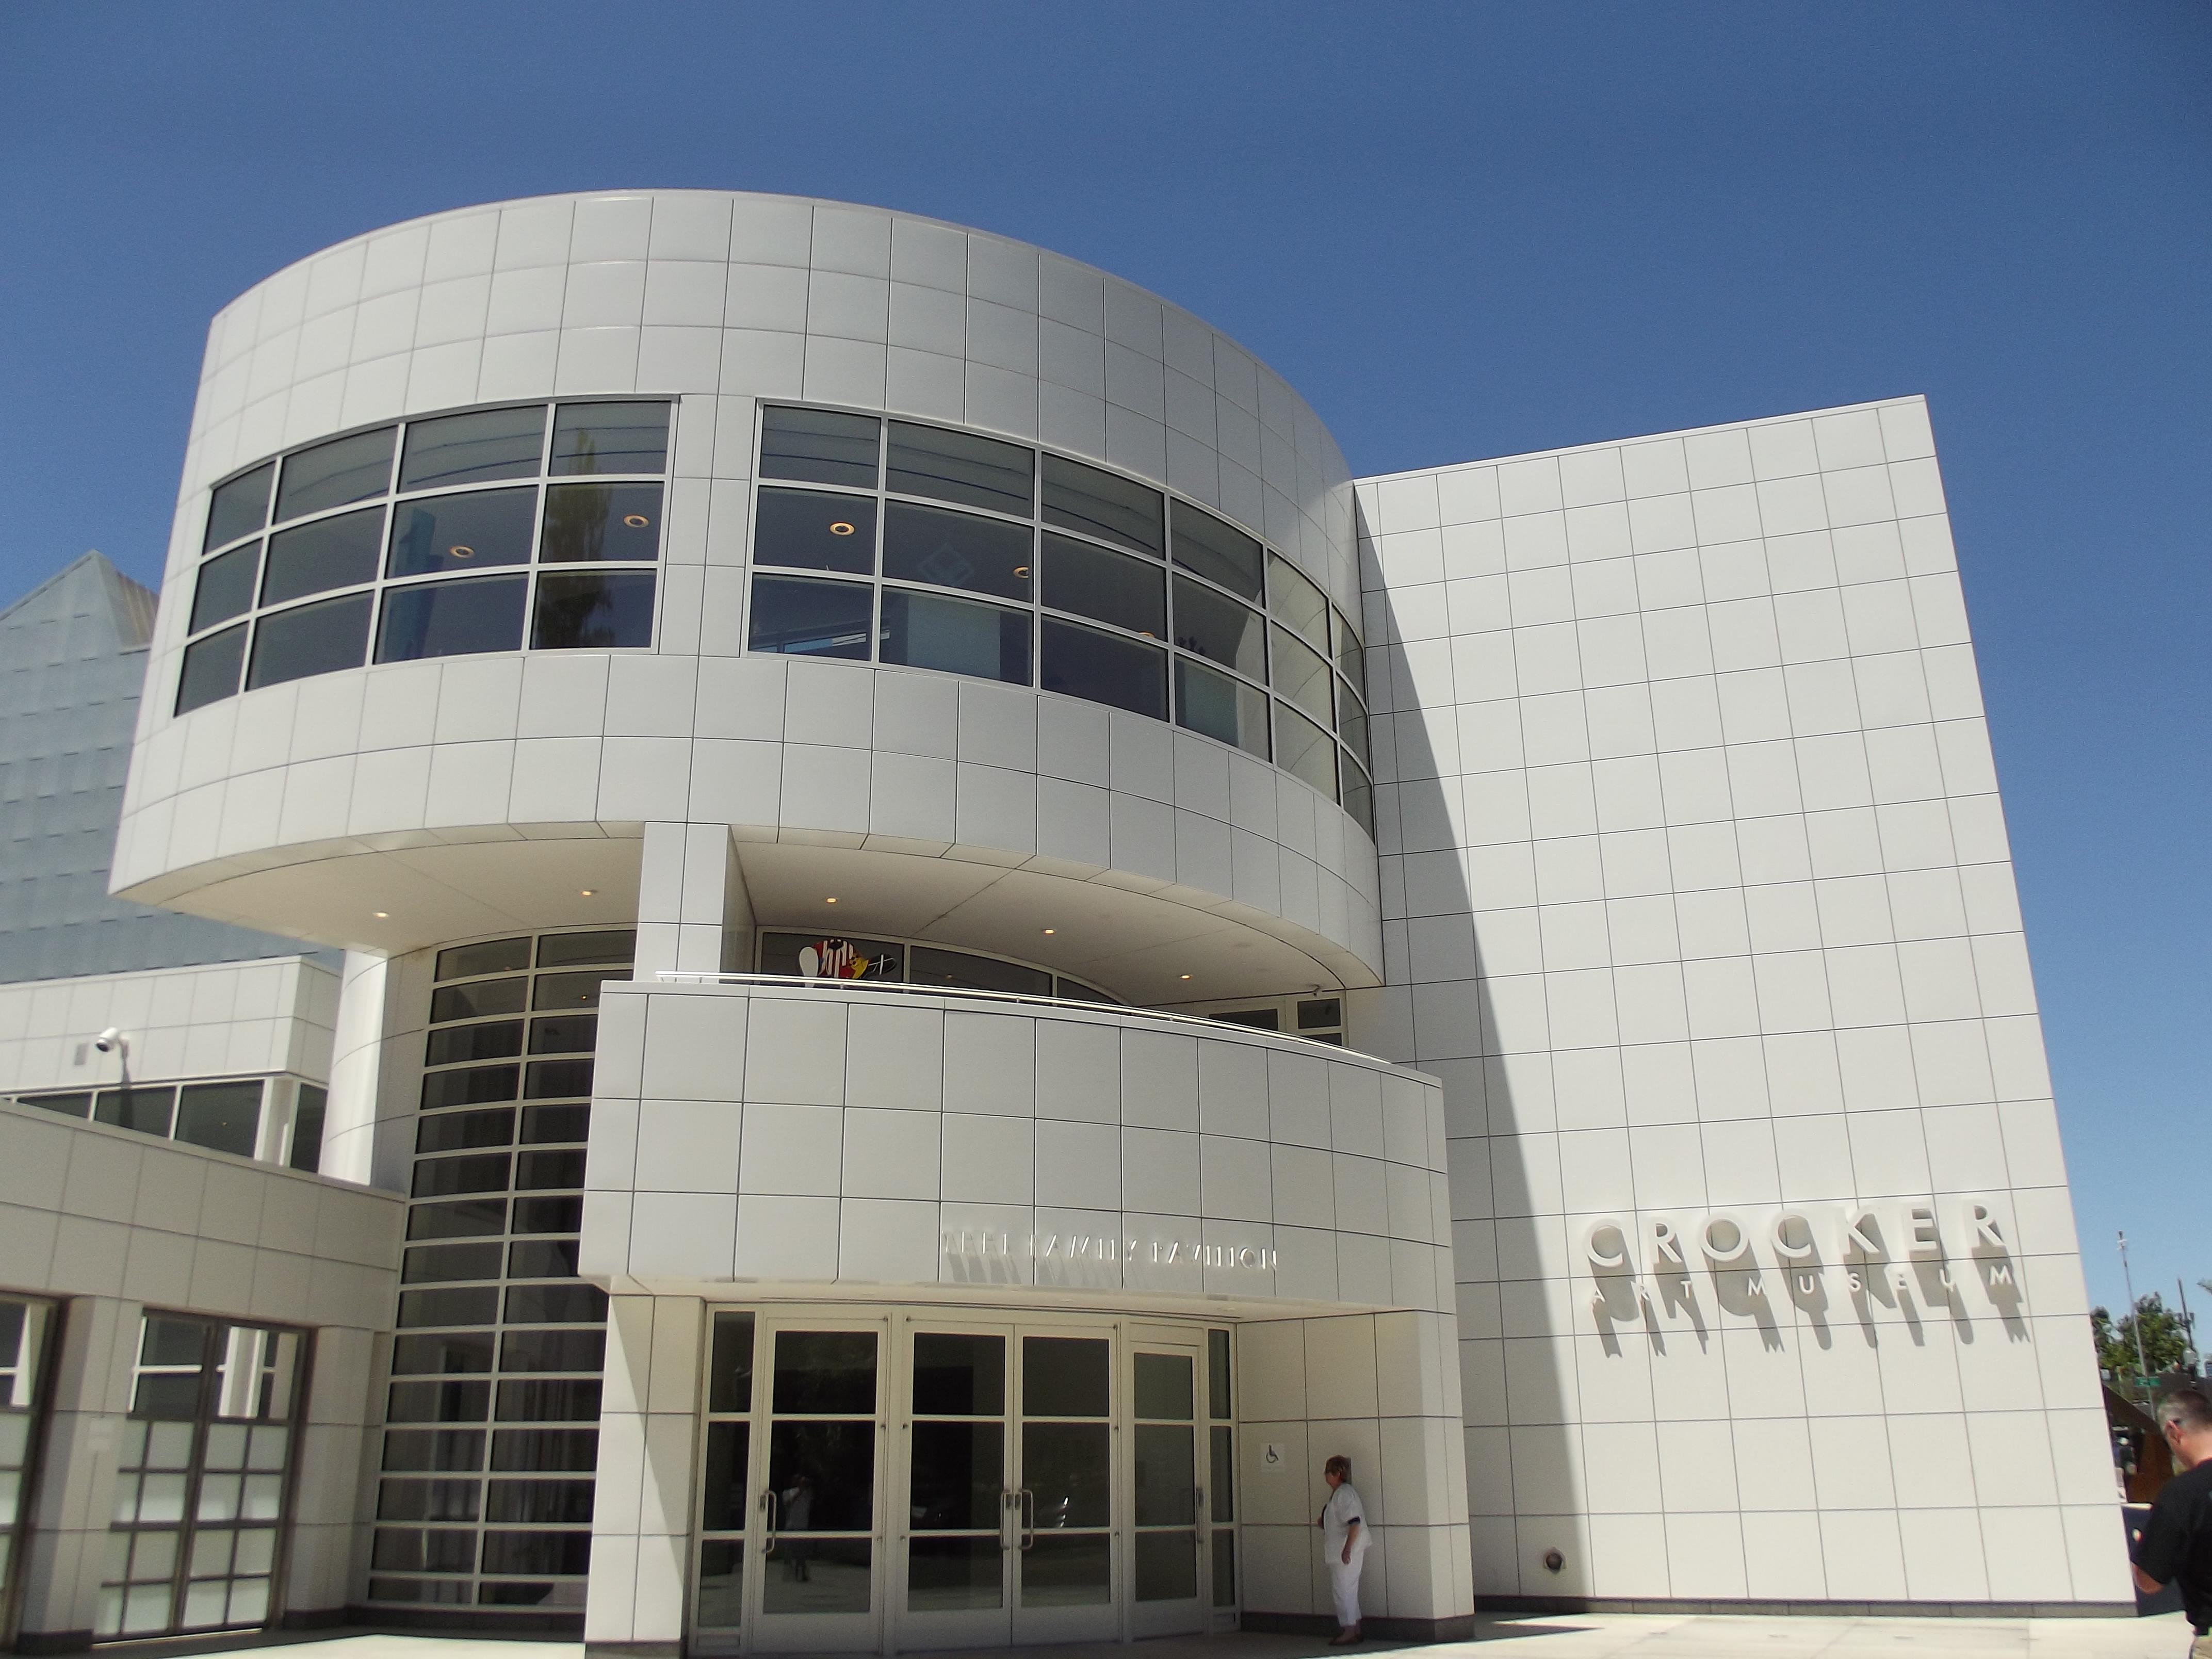 Crocker Art Museum - Wikipedia